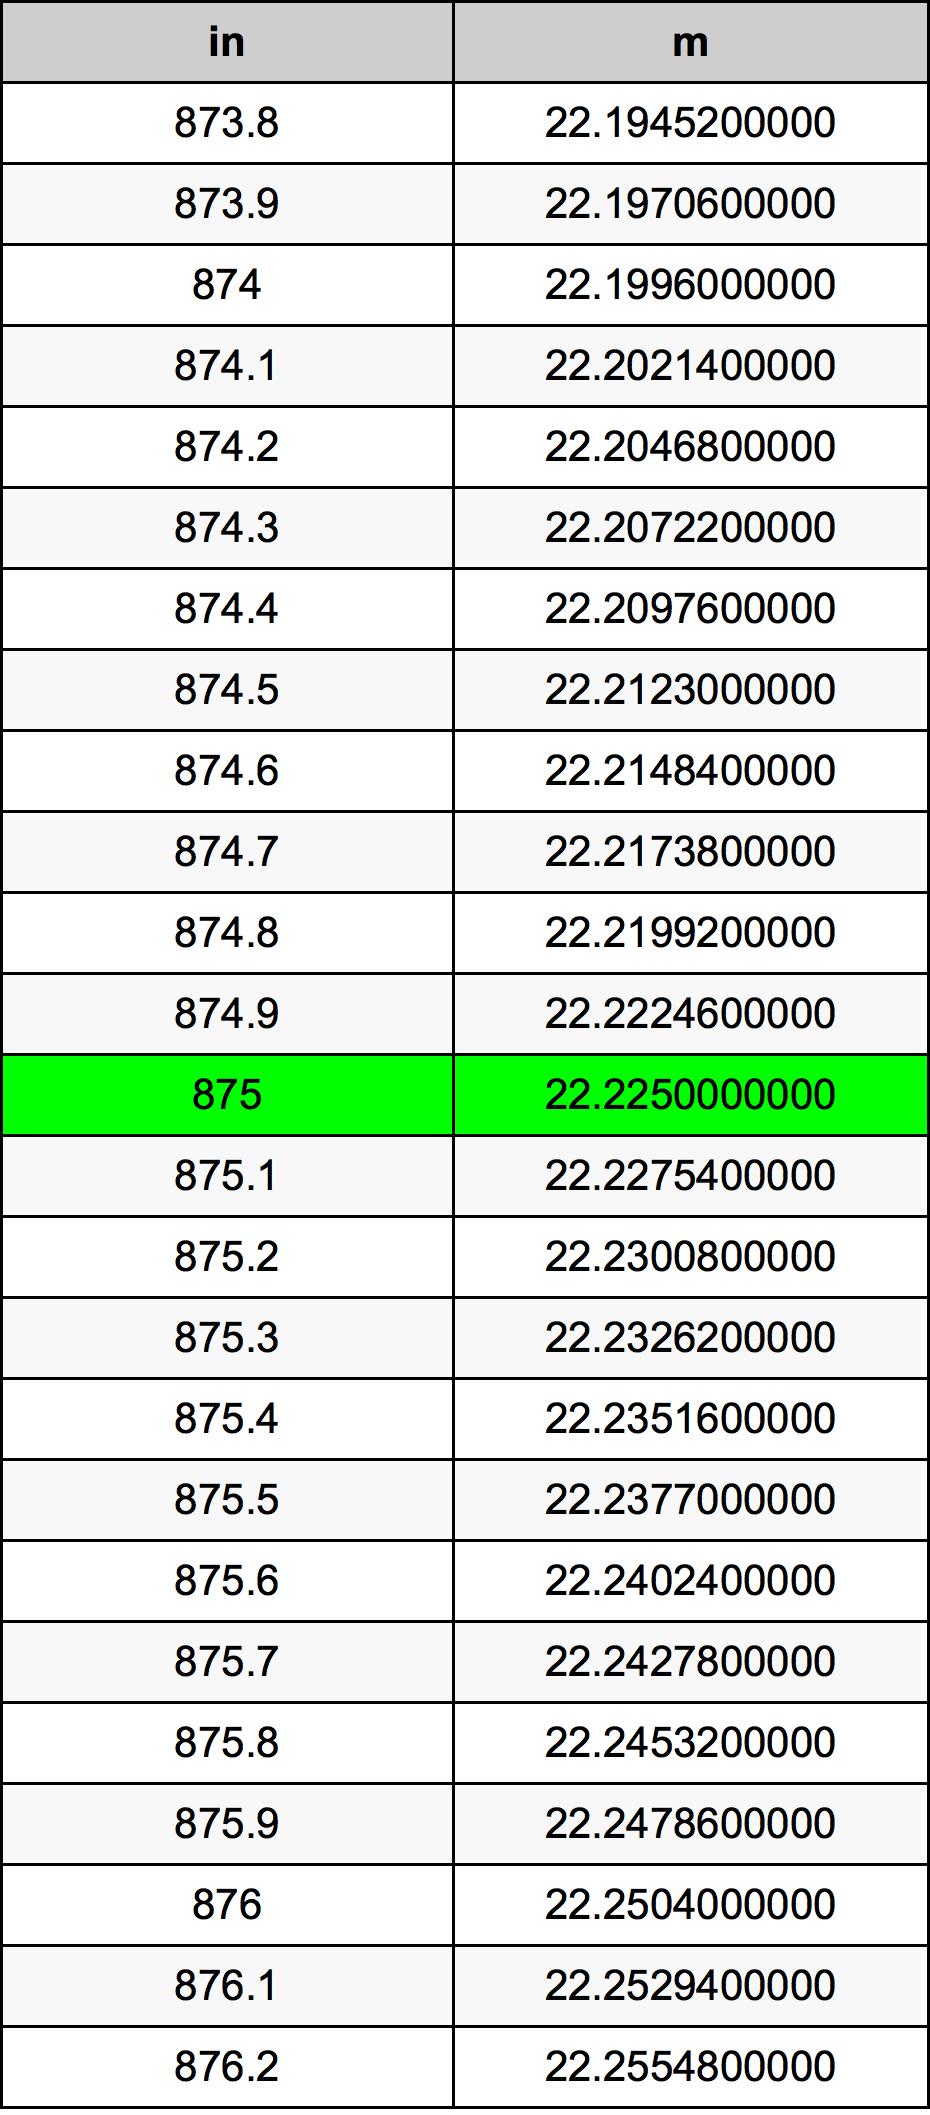 875 Țol tabelul de conversie